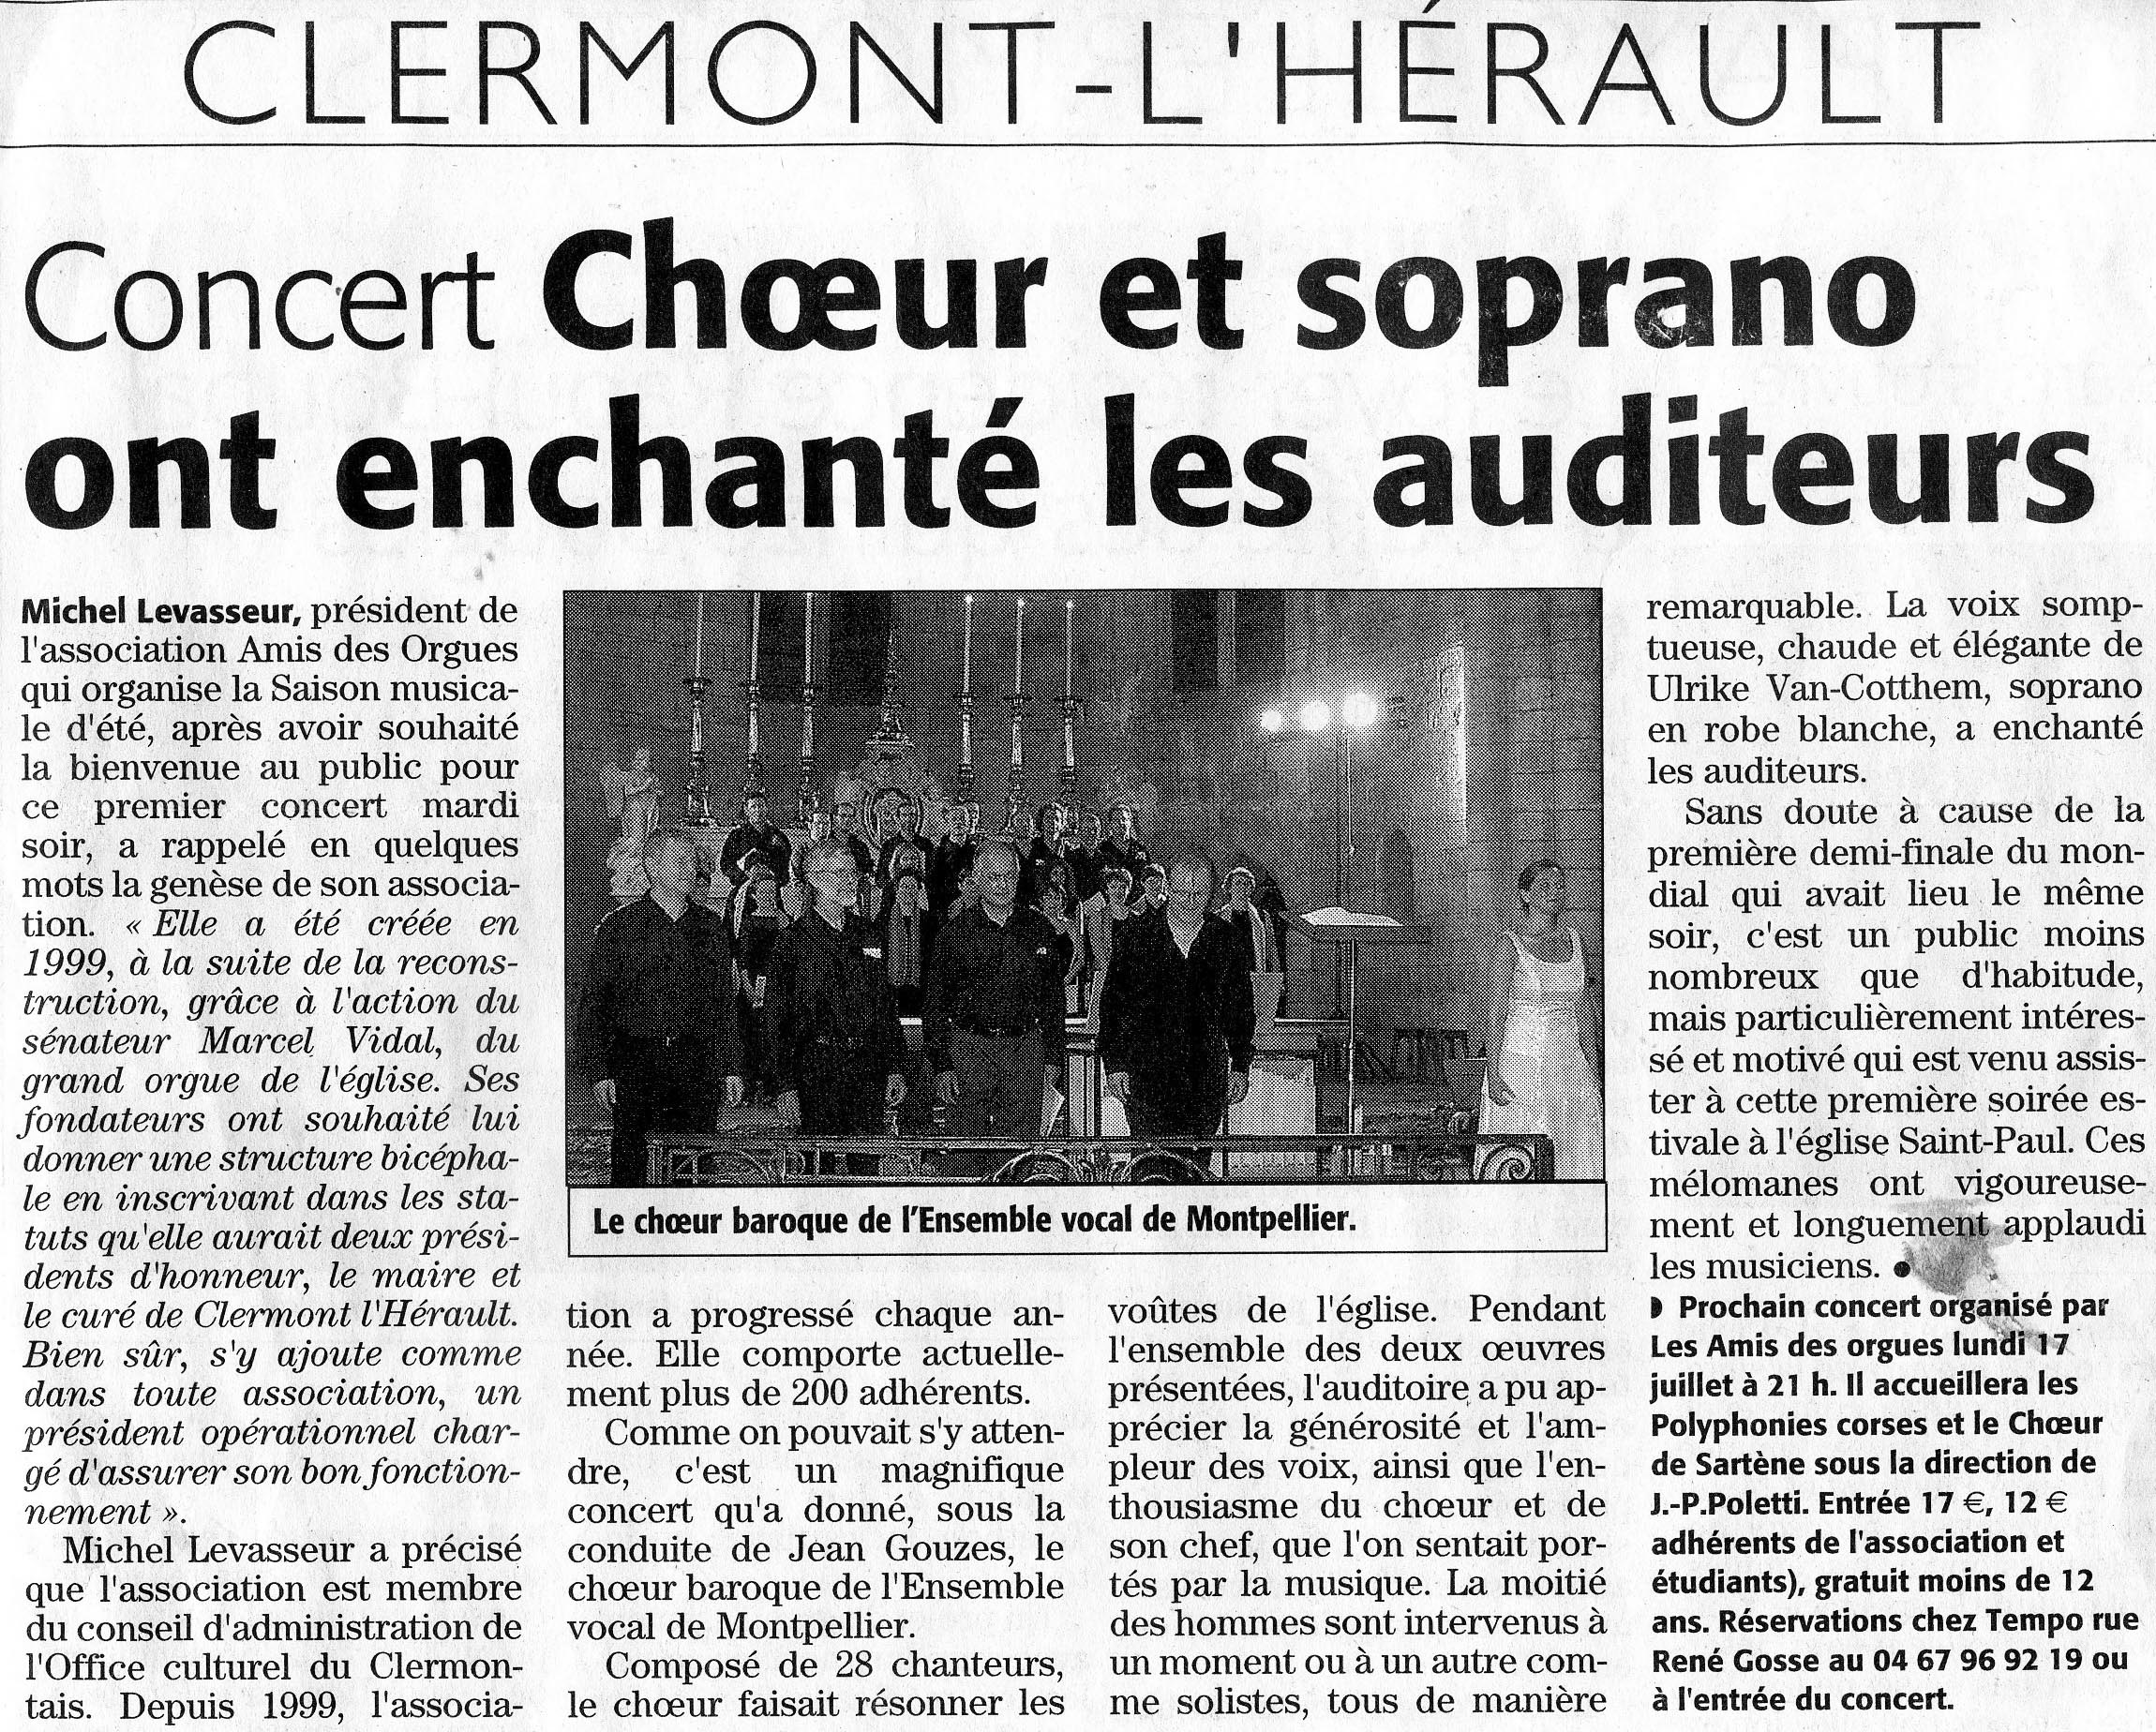 Juillet 2006 Concert à Clermont-l'Hérault